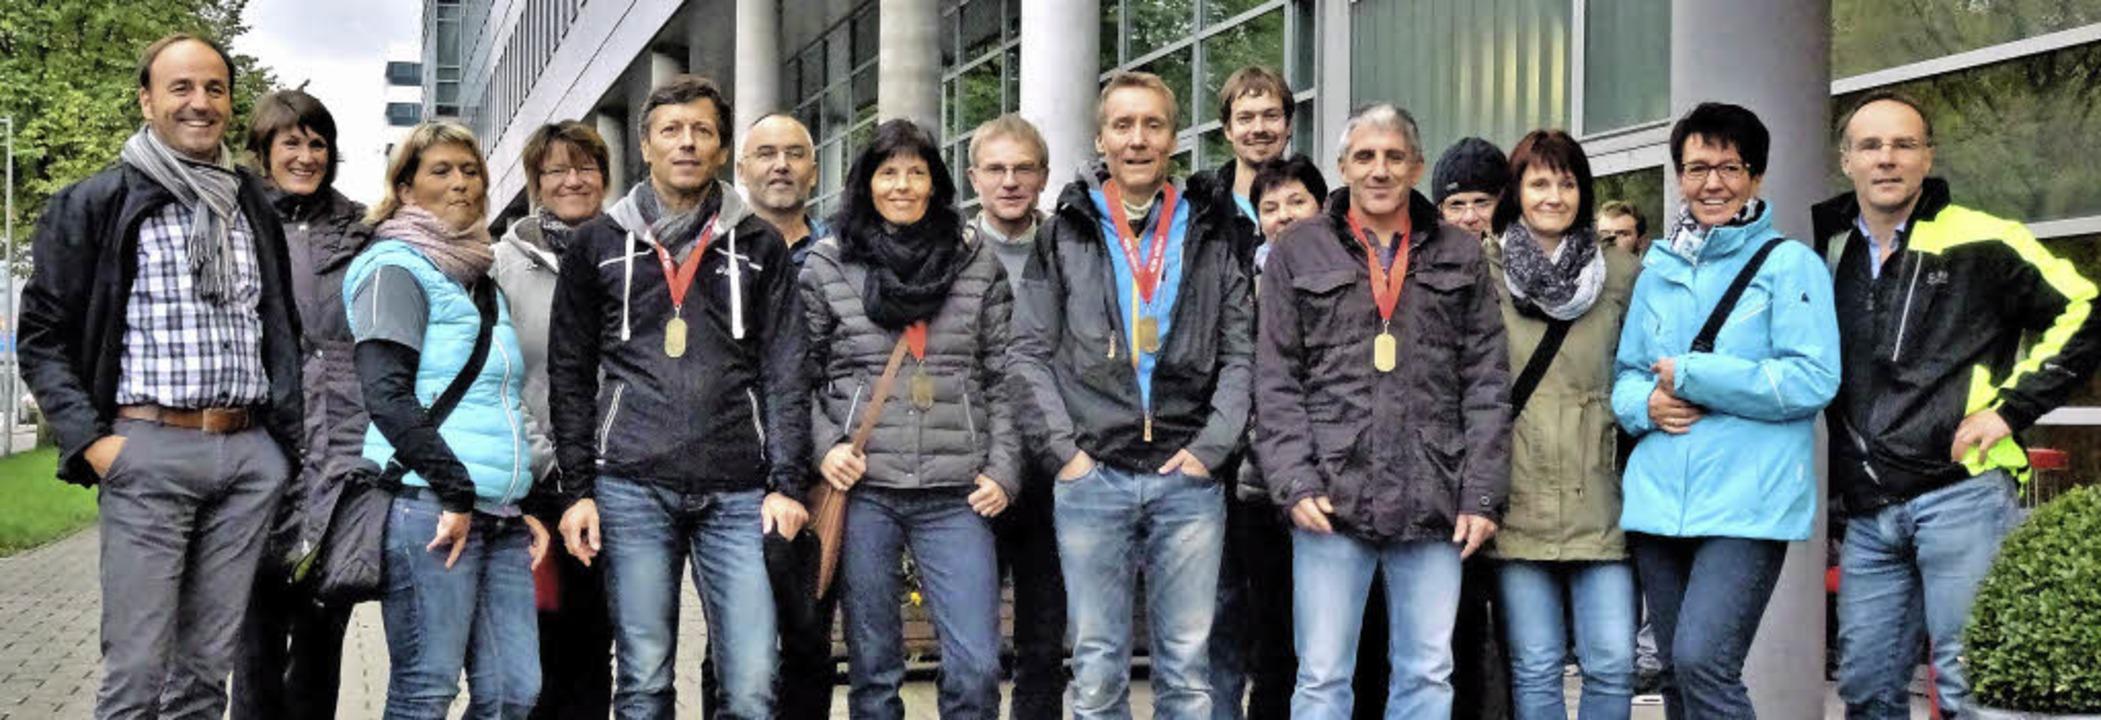 Die Bonndorfer Läufer zeigten beim Amsterdam-Marathon gute Leistungen.   | Foto: Privat